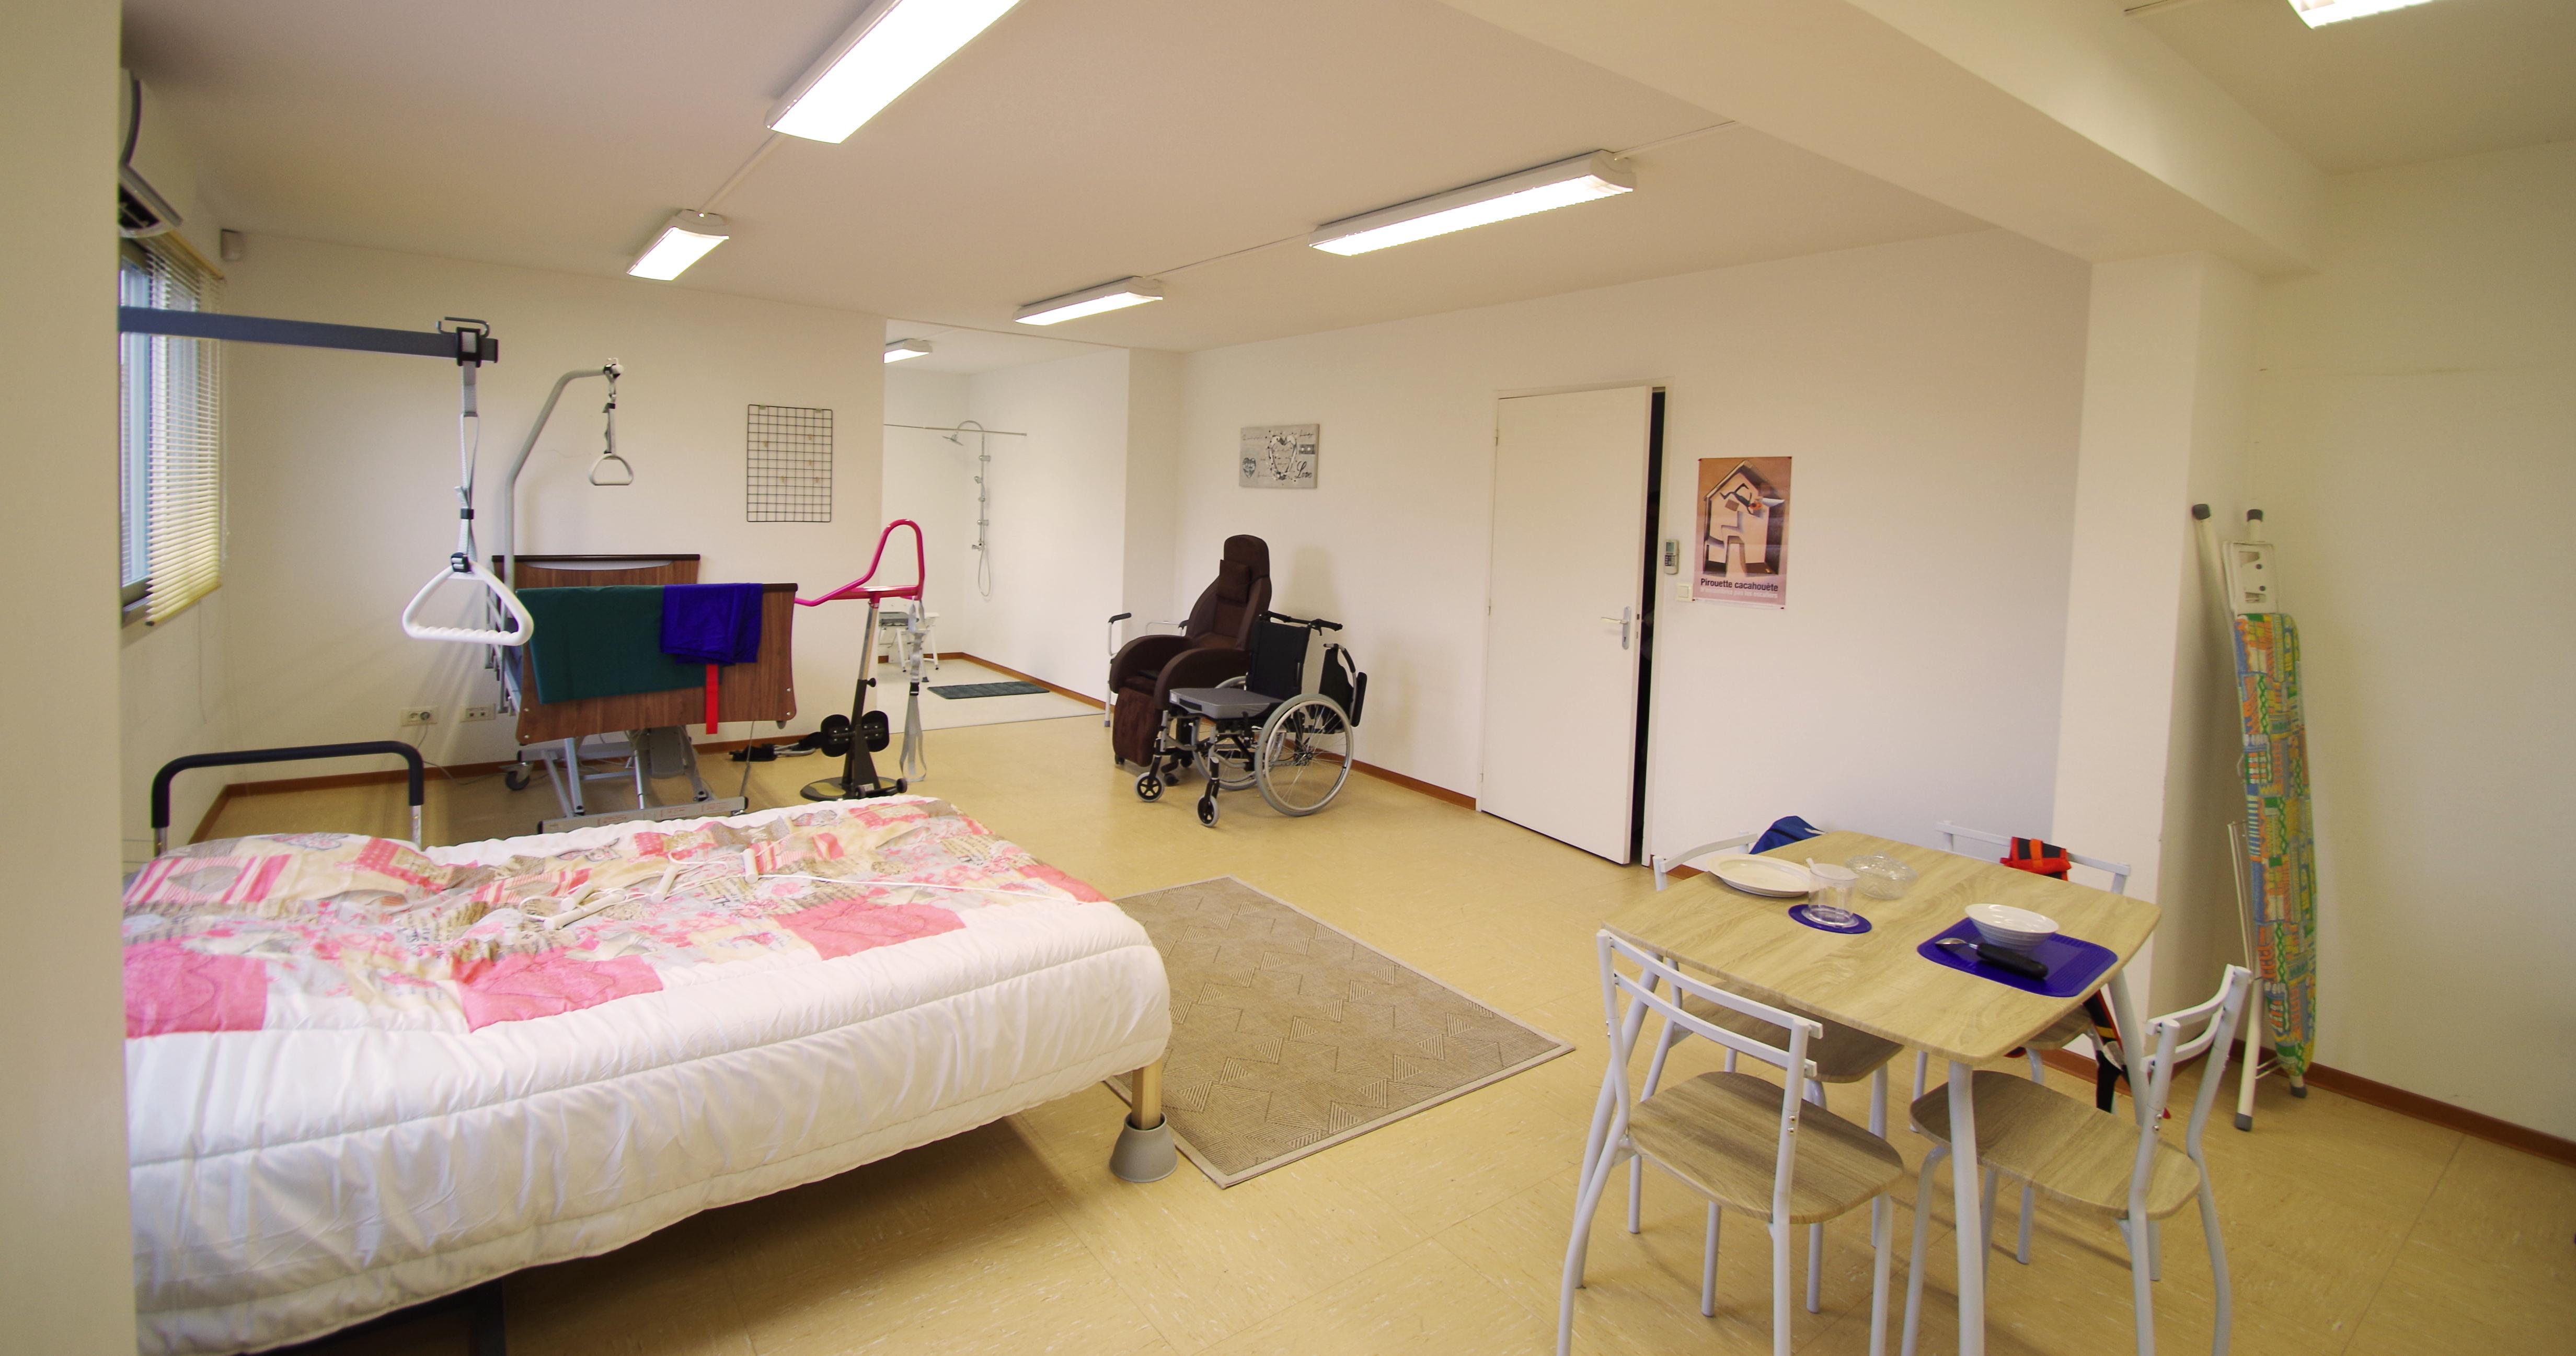 CICAT 24 - Appartement médicalisé  reconstitué pour personnes handicapées ou âgées